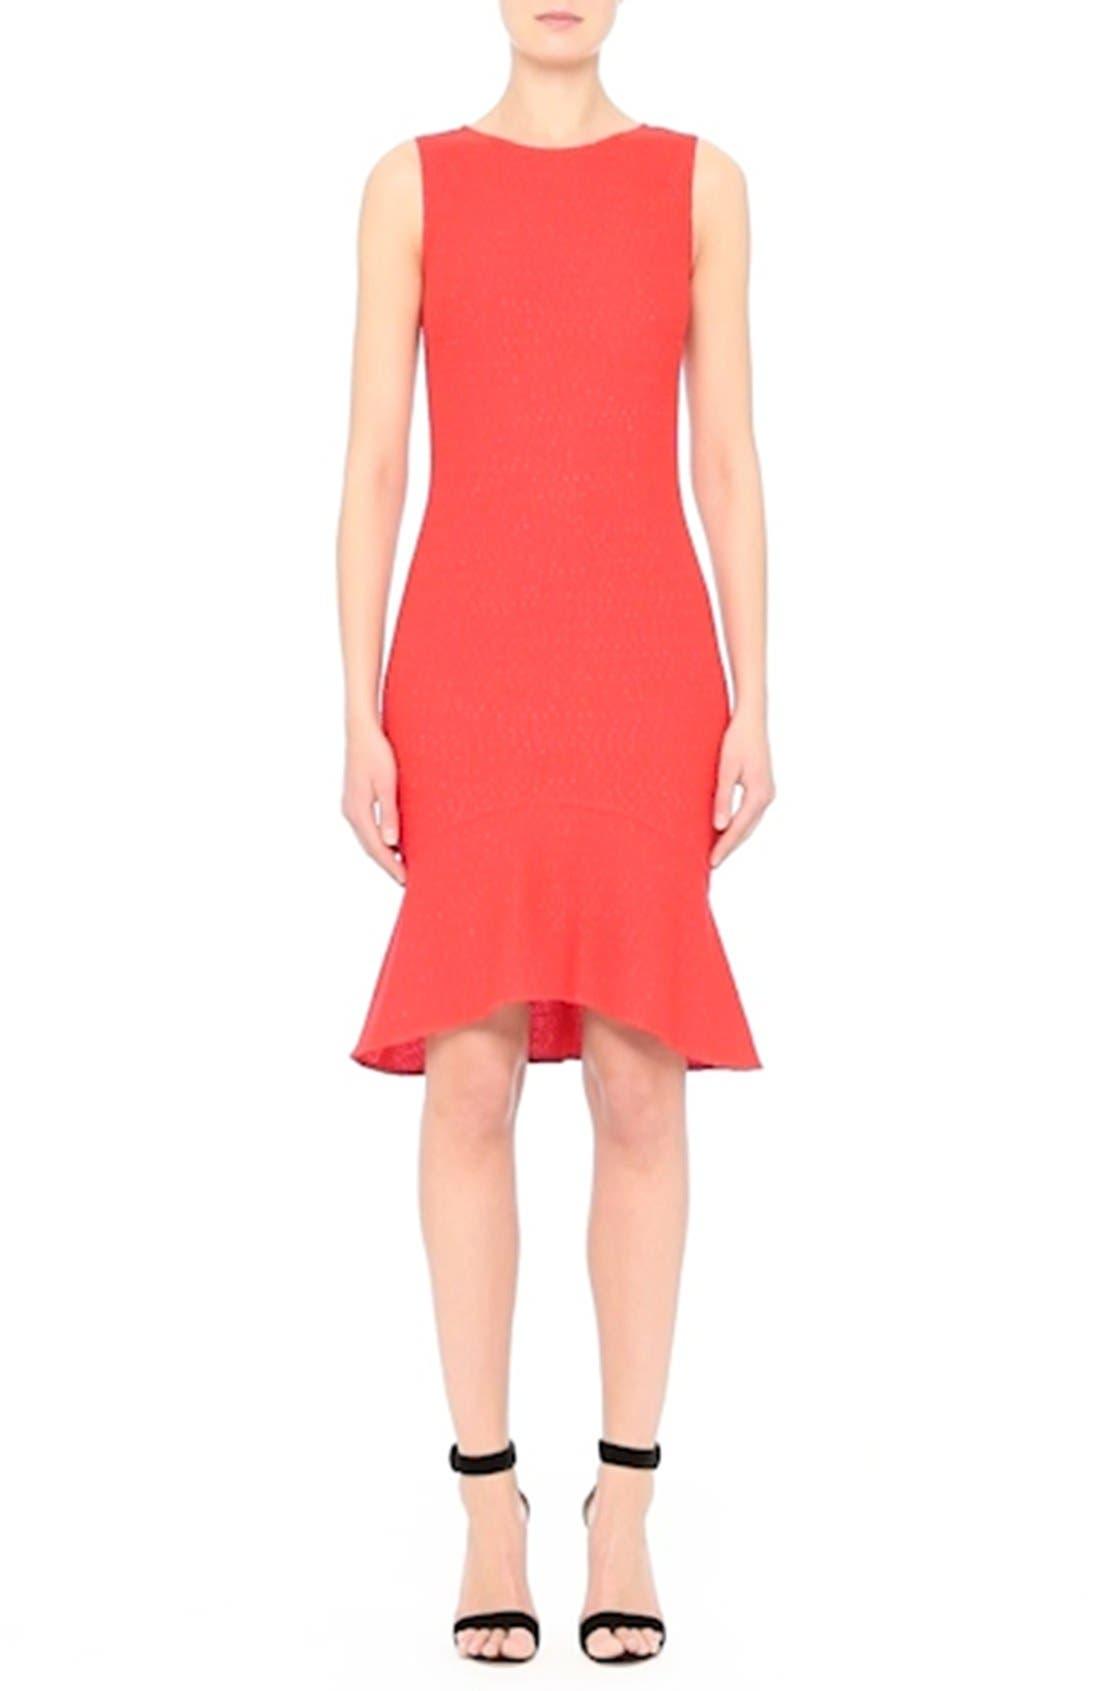 Ribbon Knit Flounce Dress,                             Alternate thumbnail 9, color,                             610